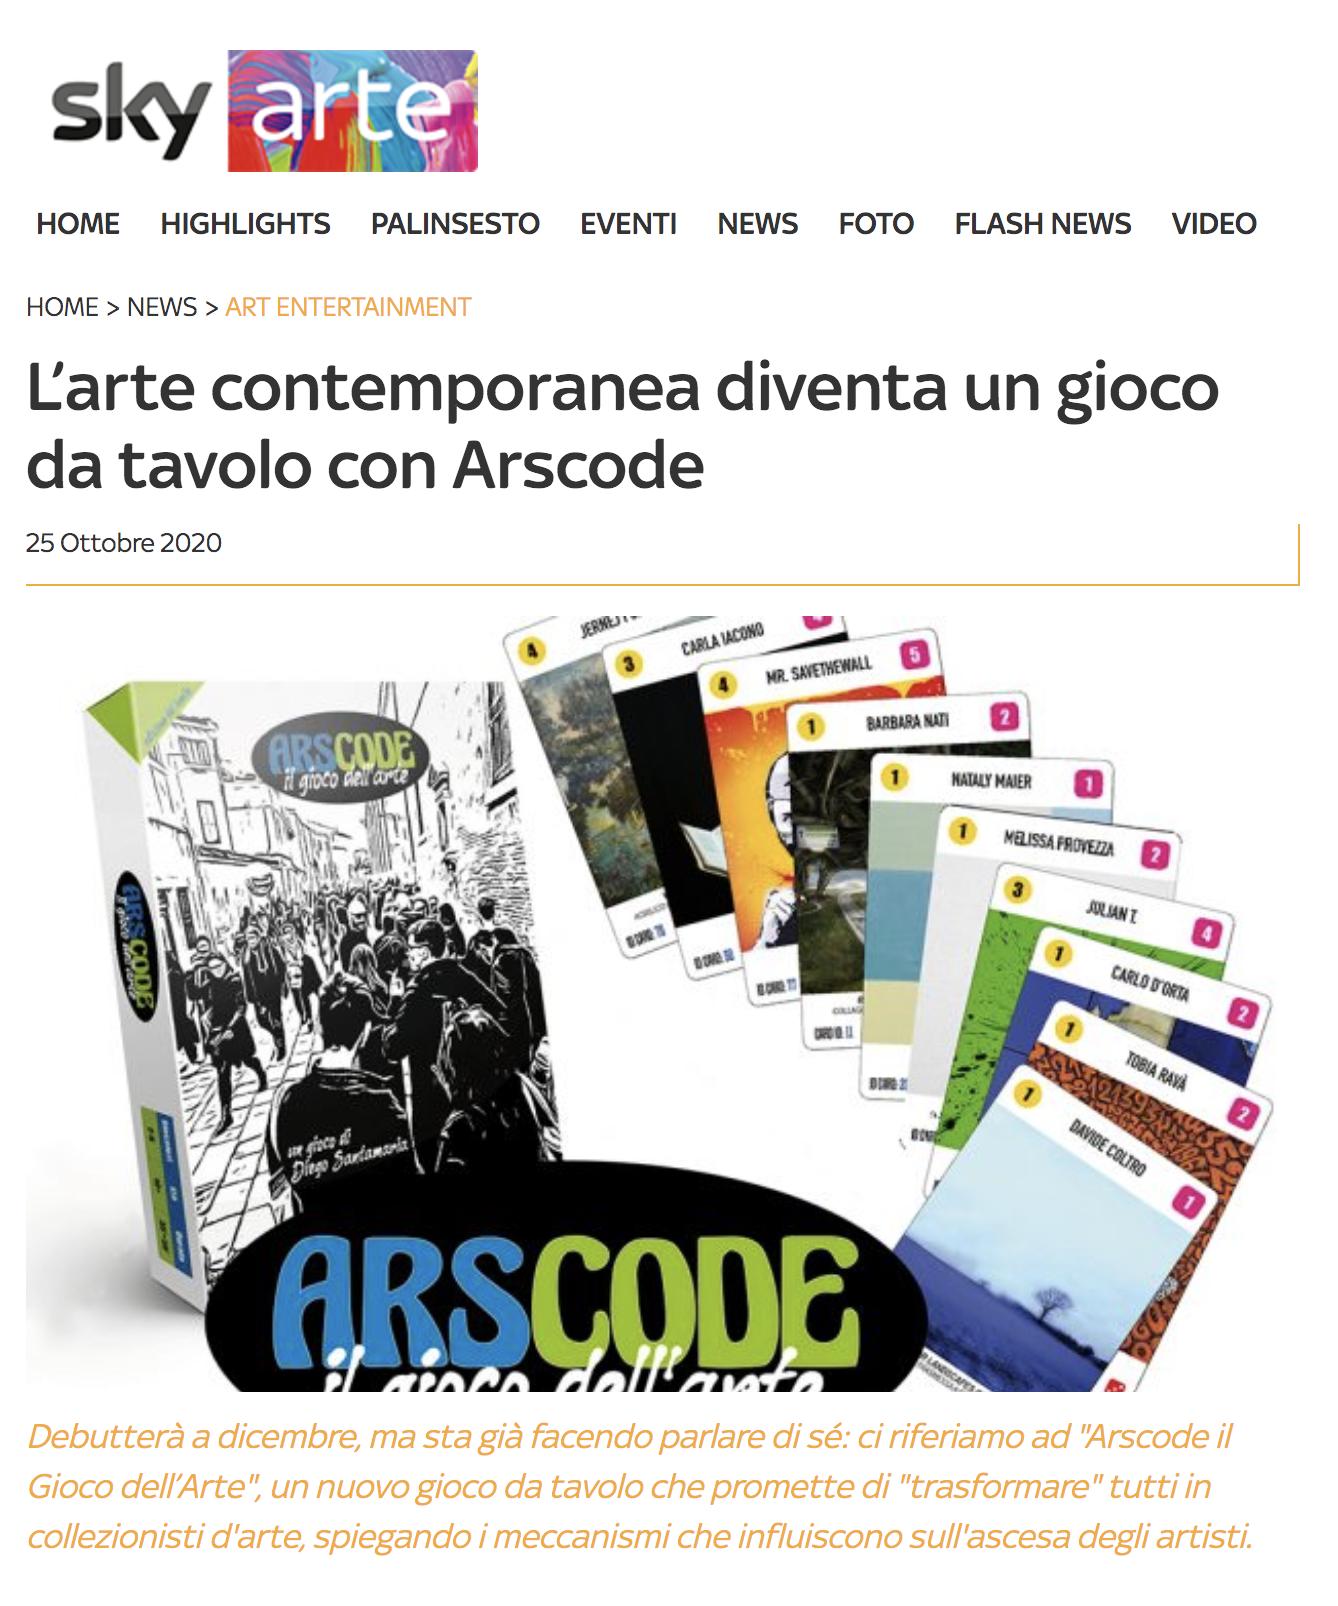 L'arte contemporanea diventa un gioco da tavolo con Arscode | Sky Arte